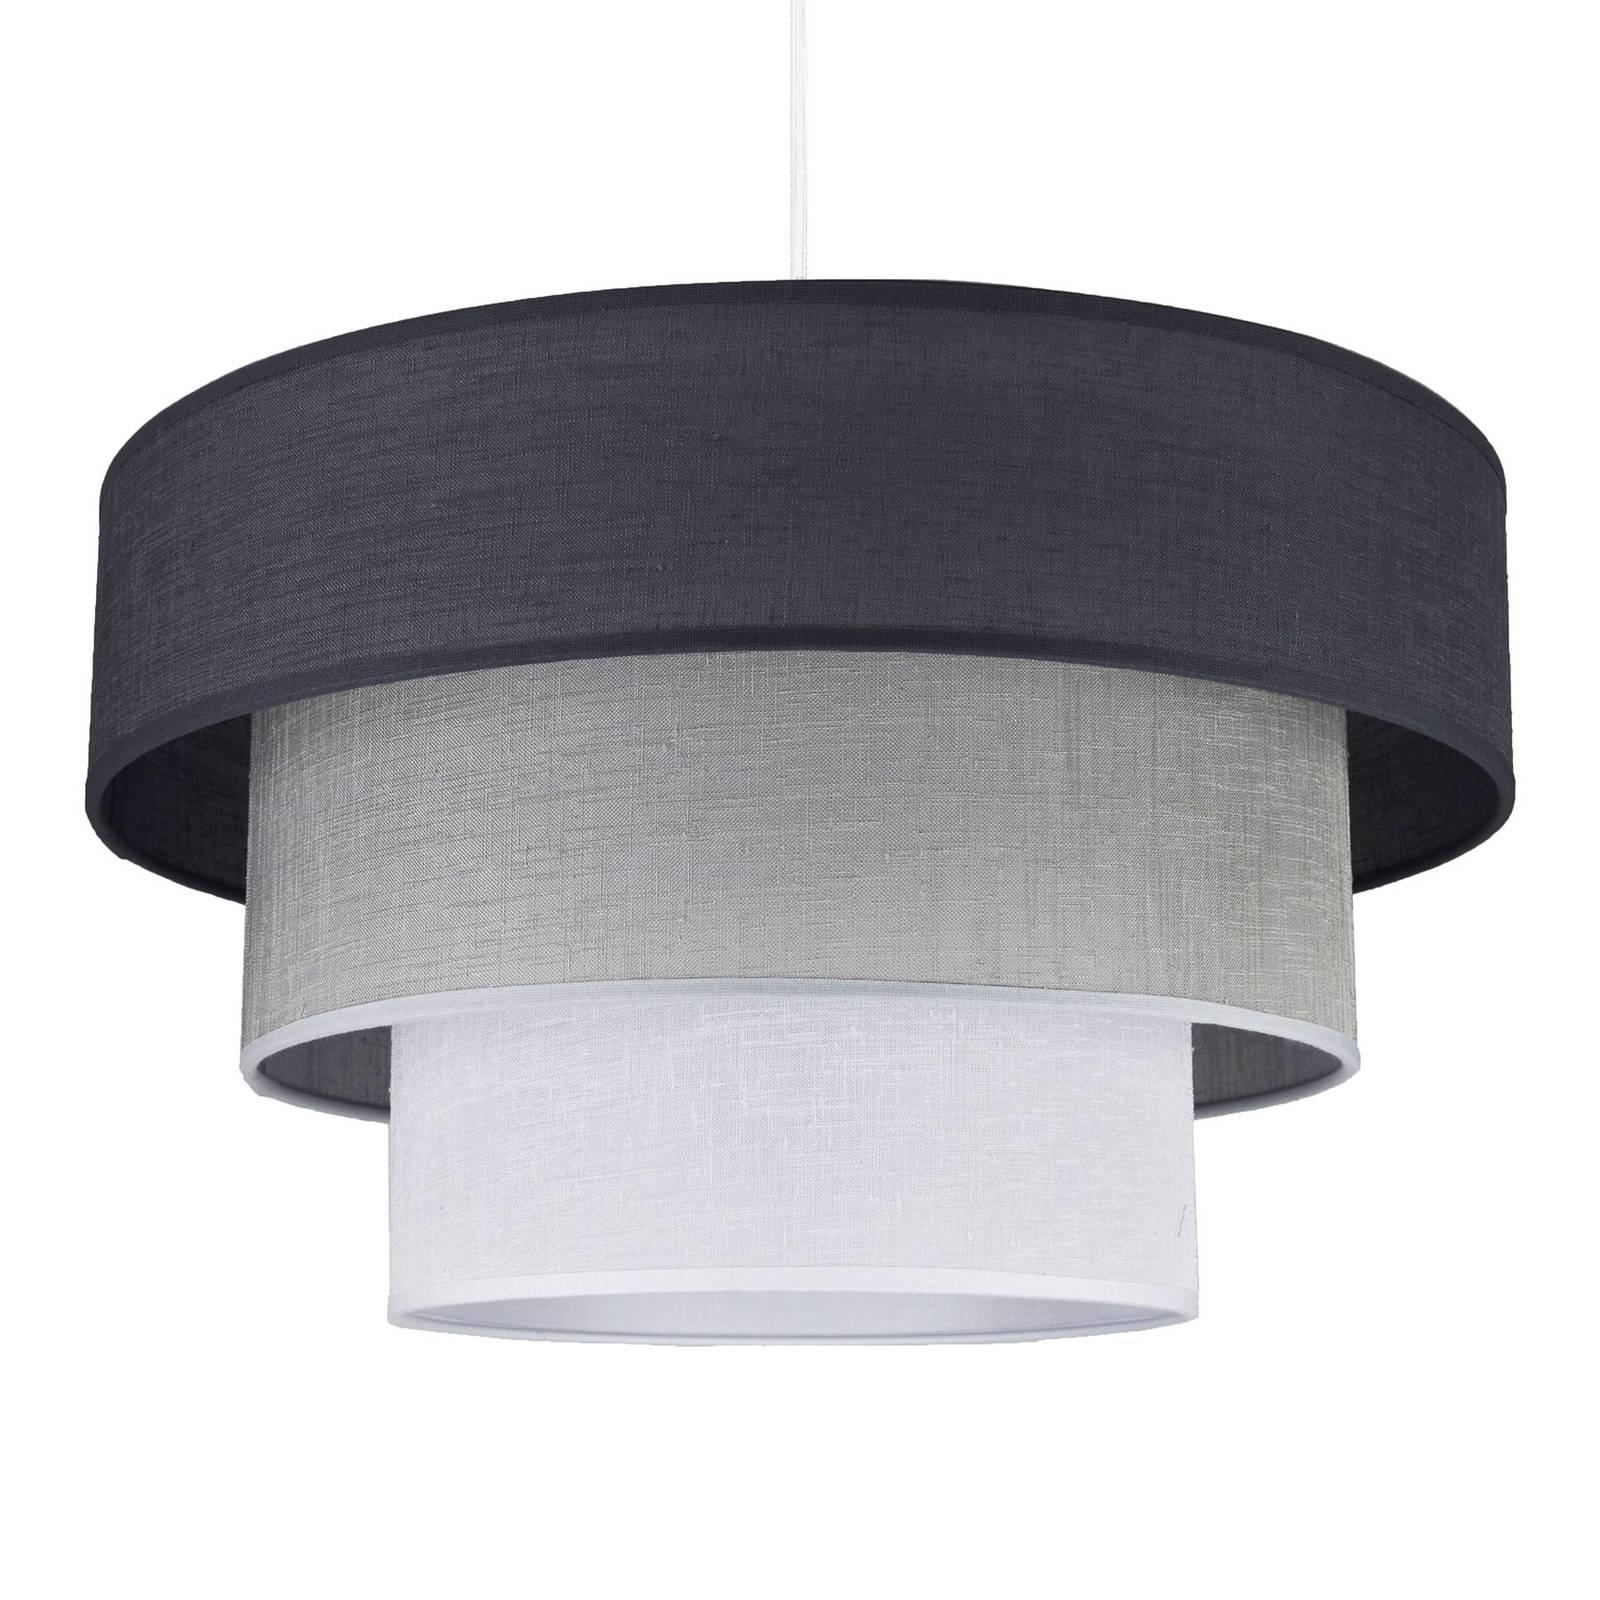 Textiel-hanglamp Luneta, grafiet/grijs/wit